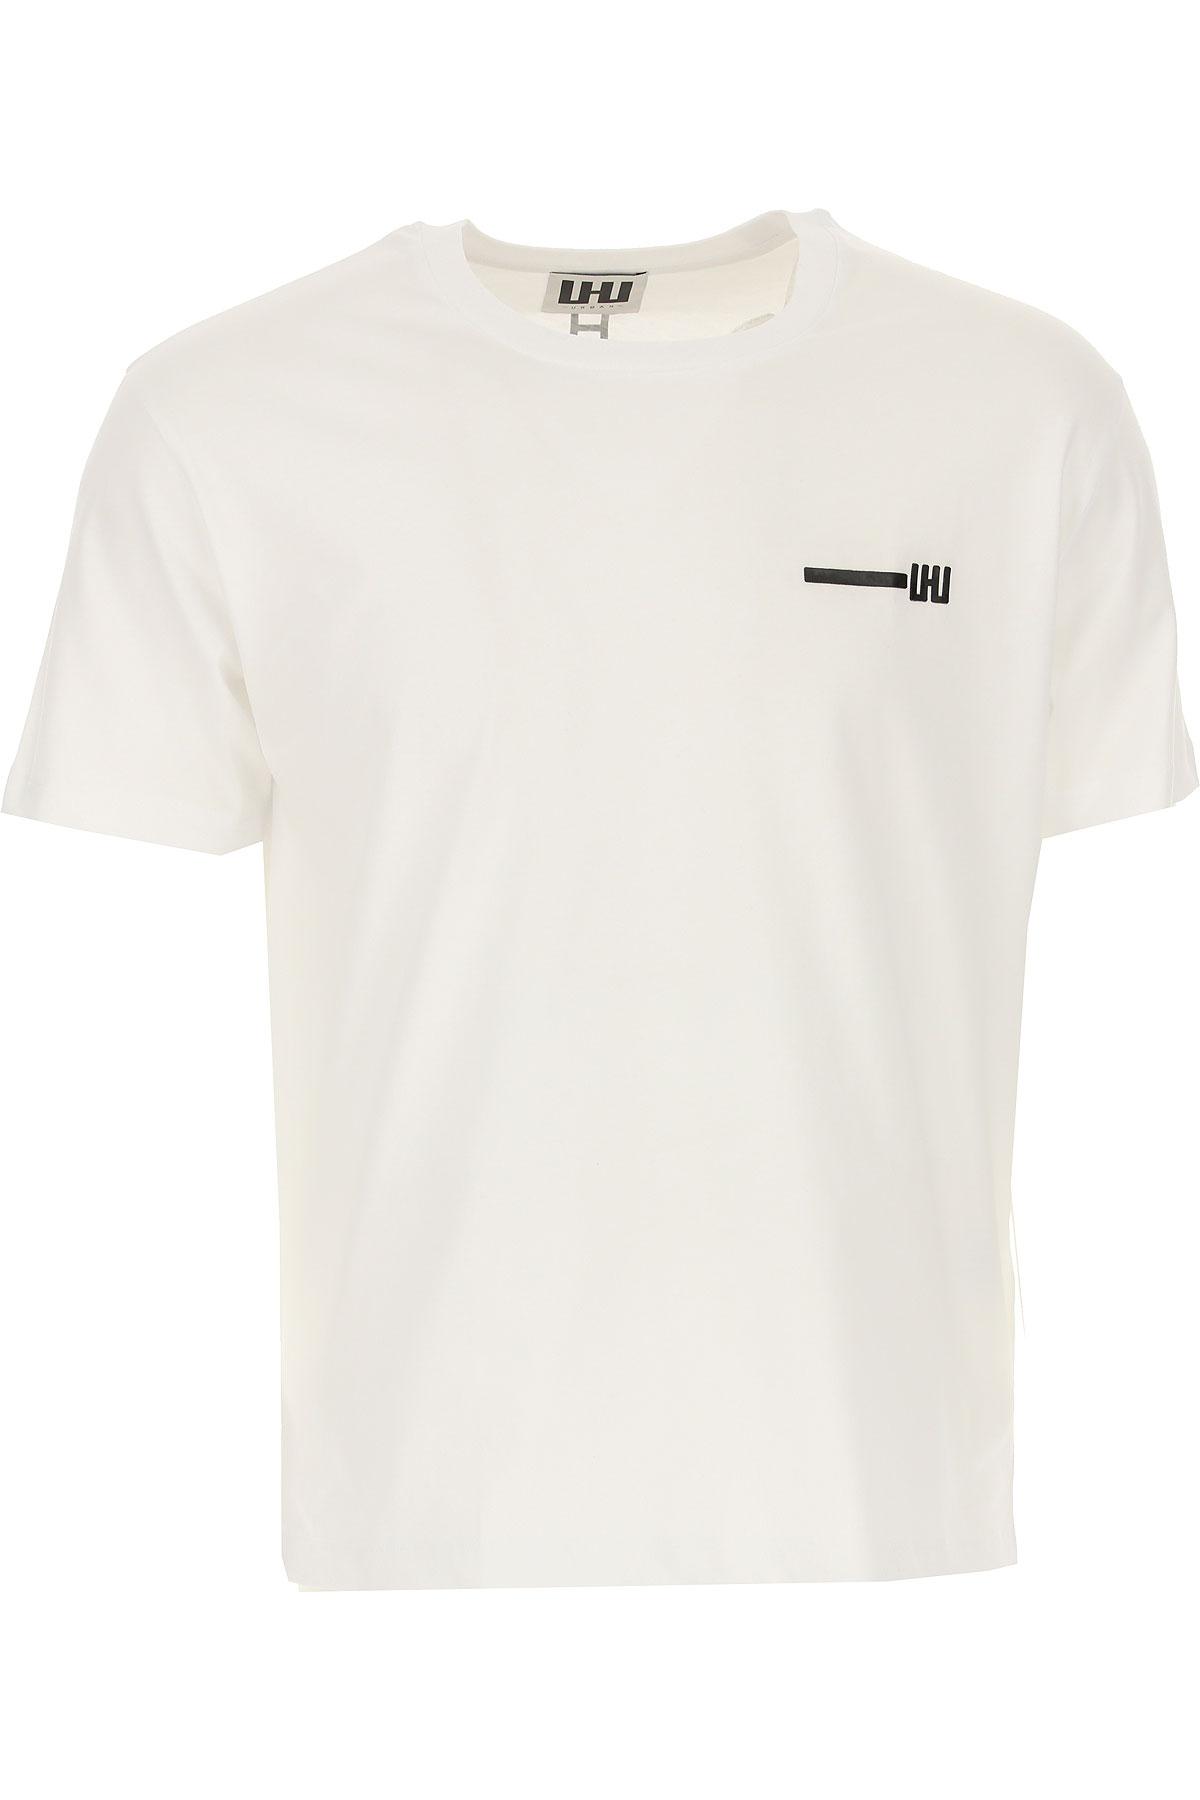 Les Hommes T-Shirt for Men On Sale, White, Cotton, 2019, L M XL